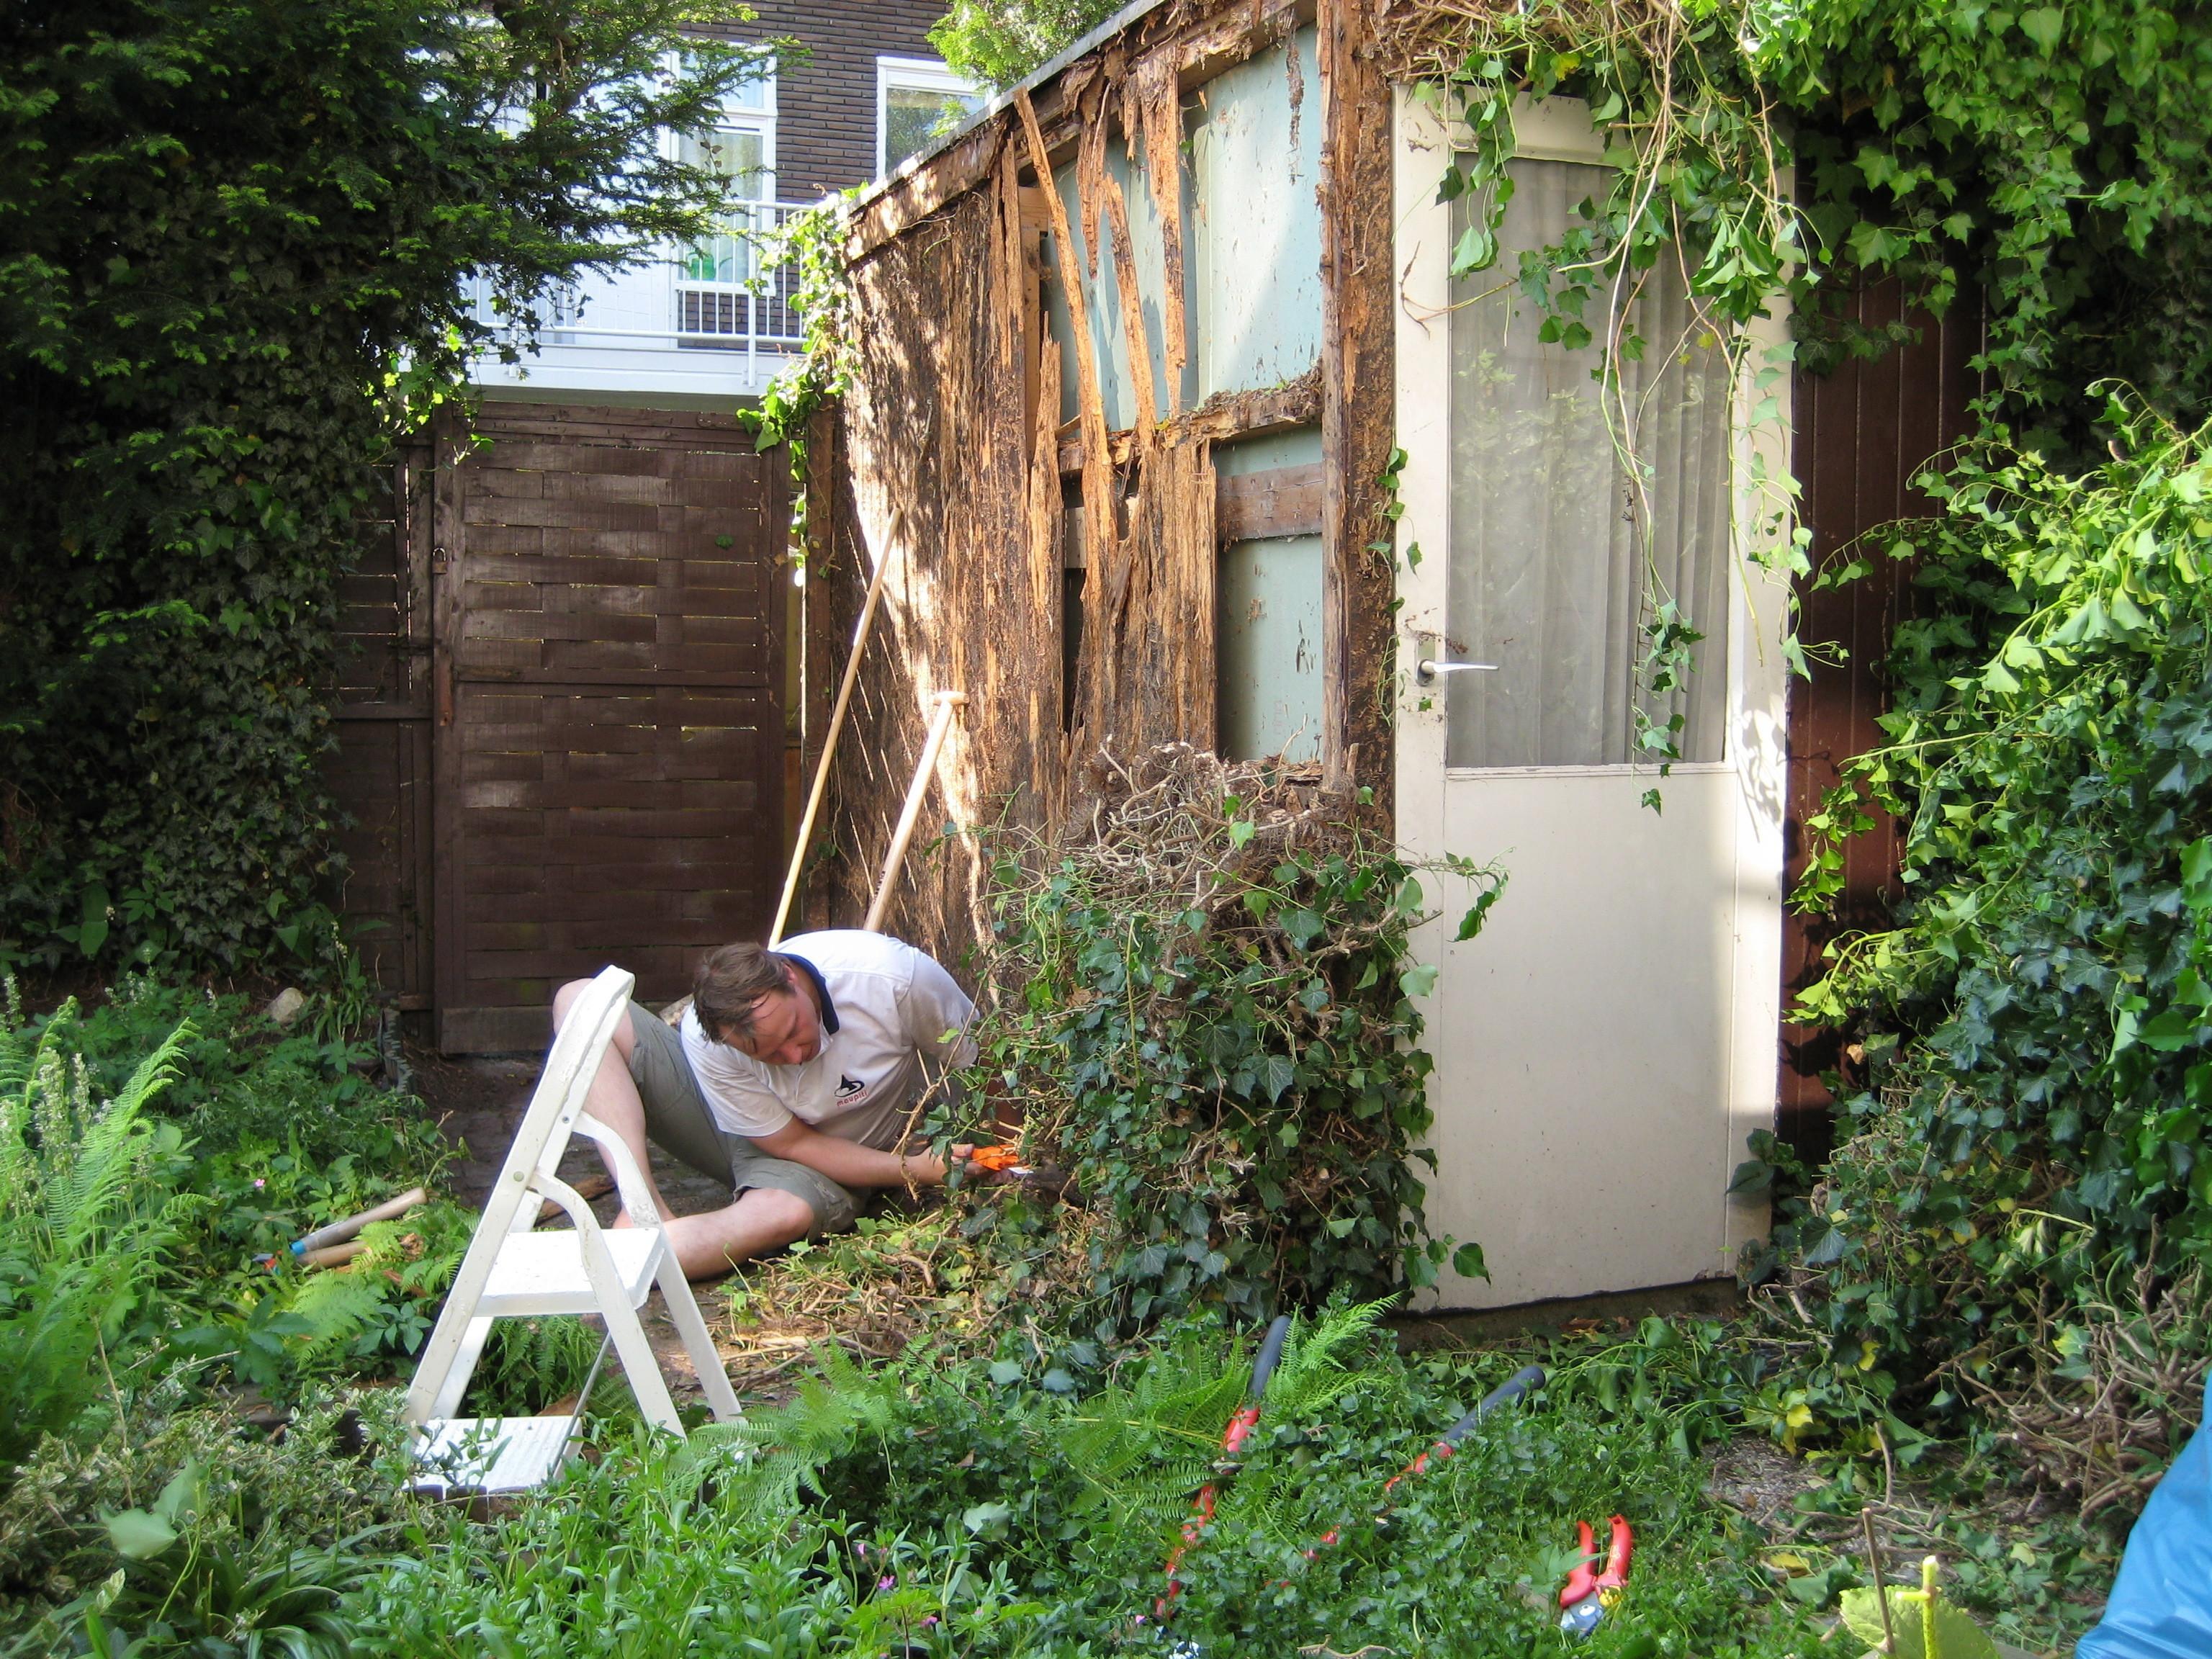 Sur Quoi Poser Un Abri De Jardin réparer un abri de jardin | Étape par étape | brico.be